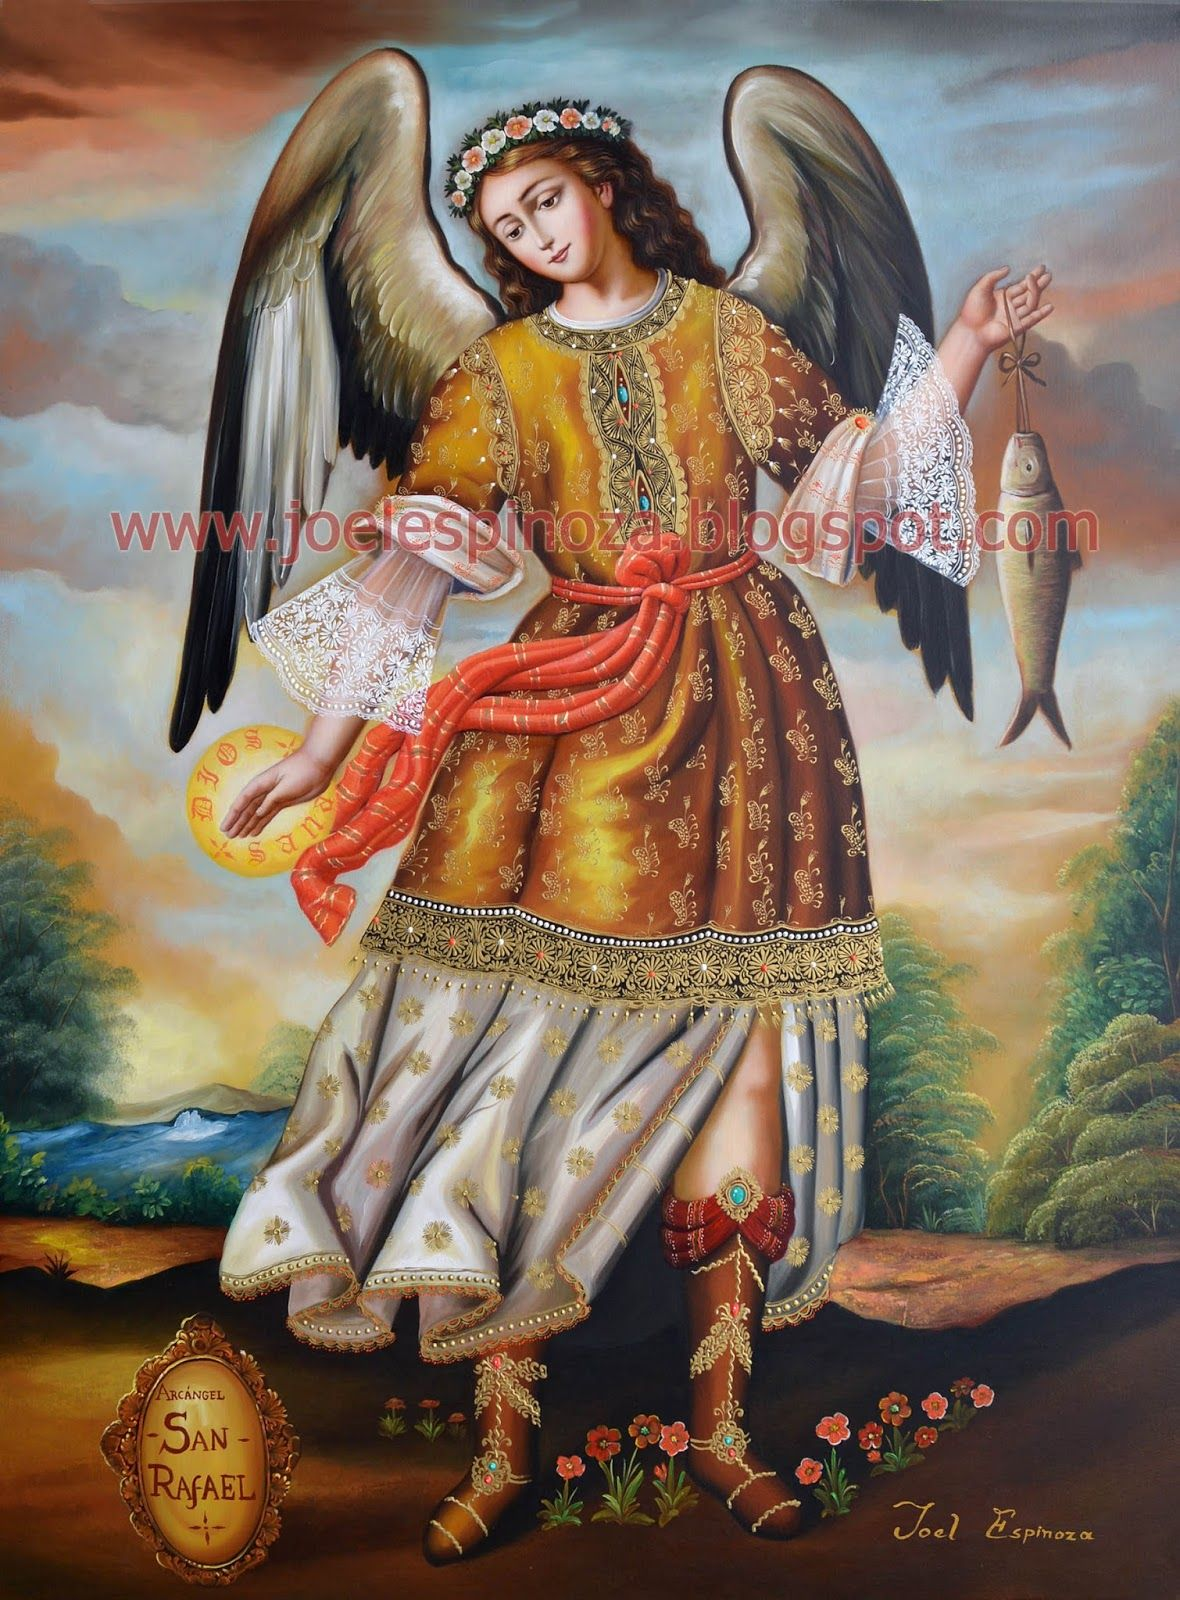 Arcángel San Rafael 100 x 70 cm Óleo sobre tela ...